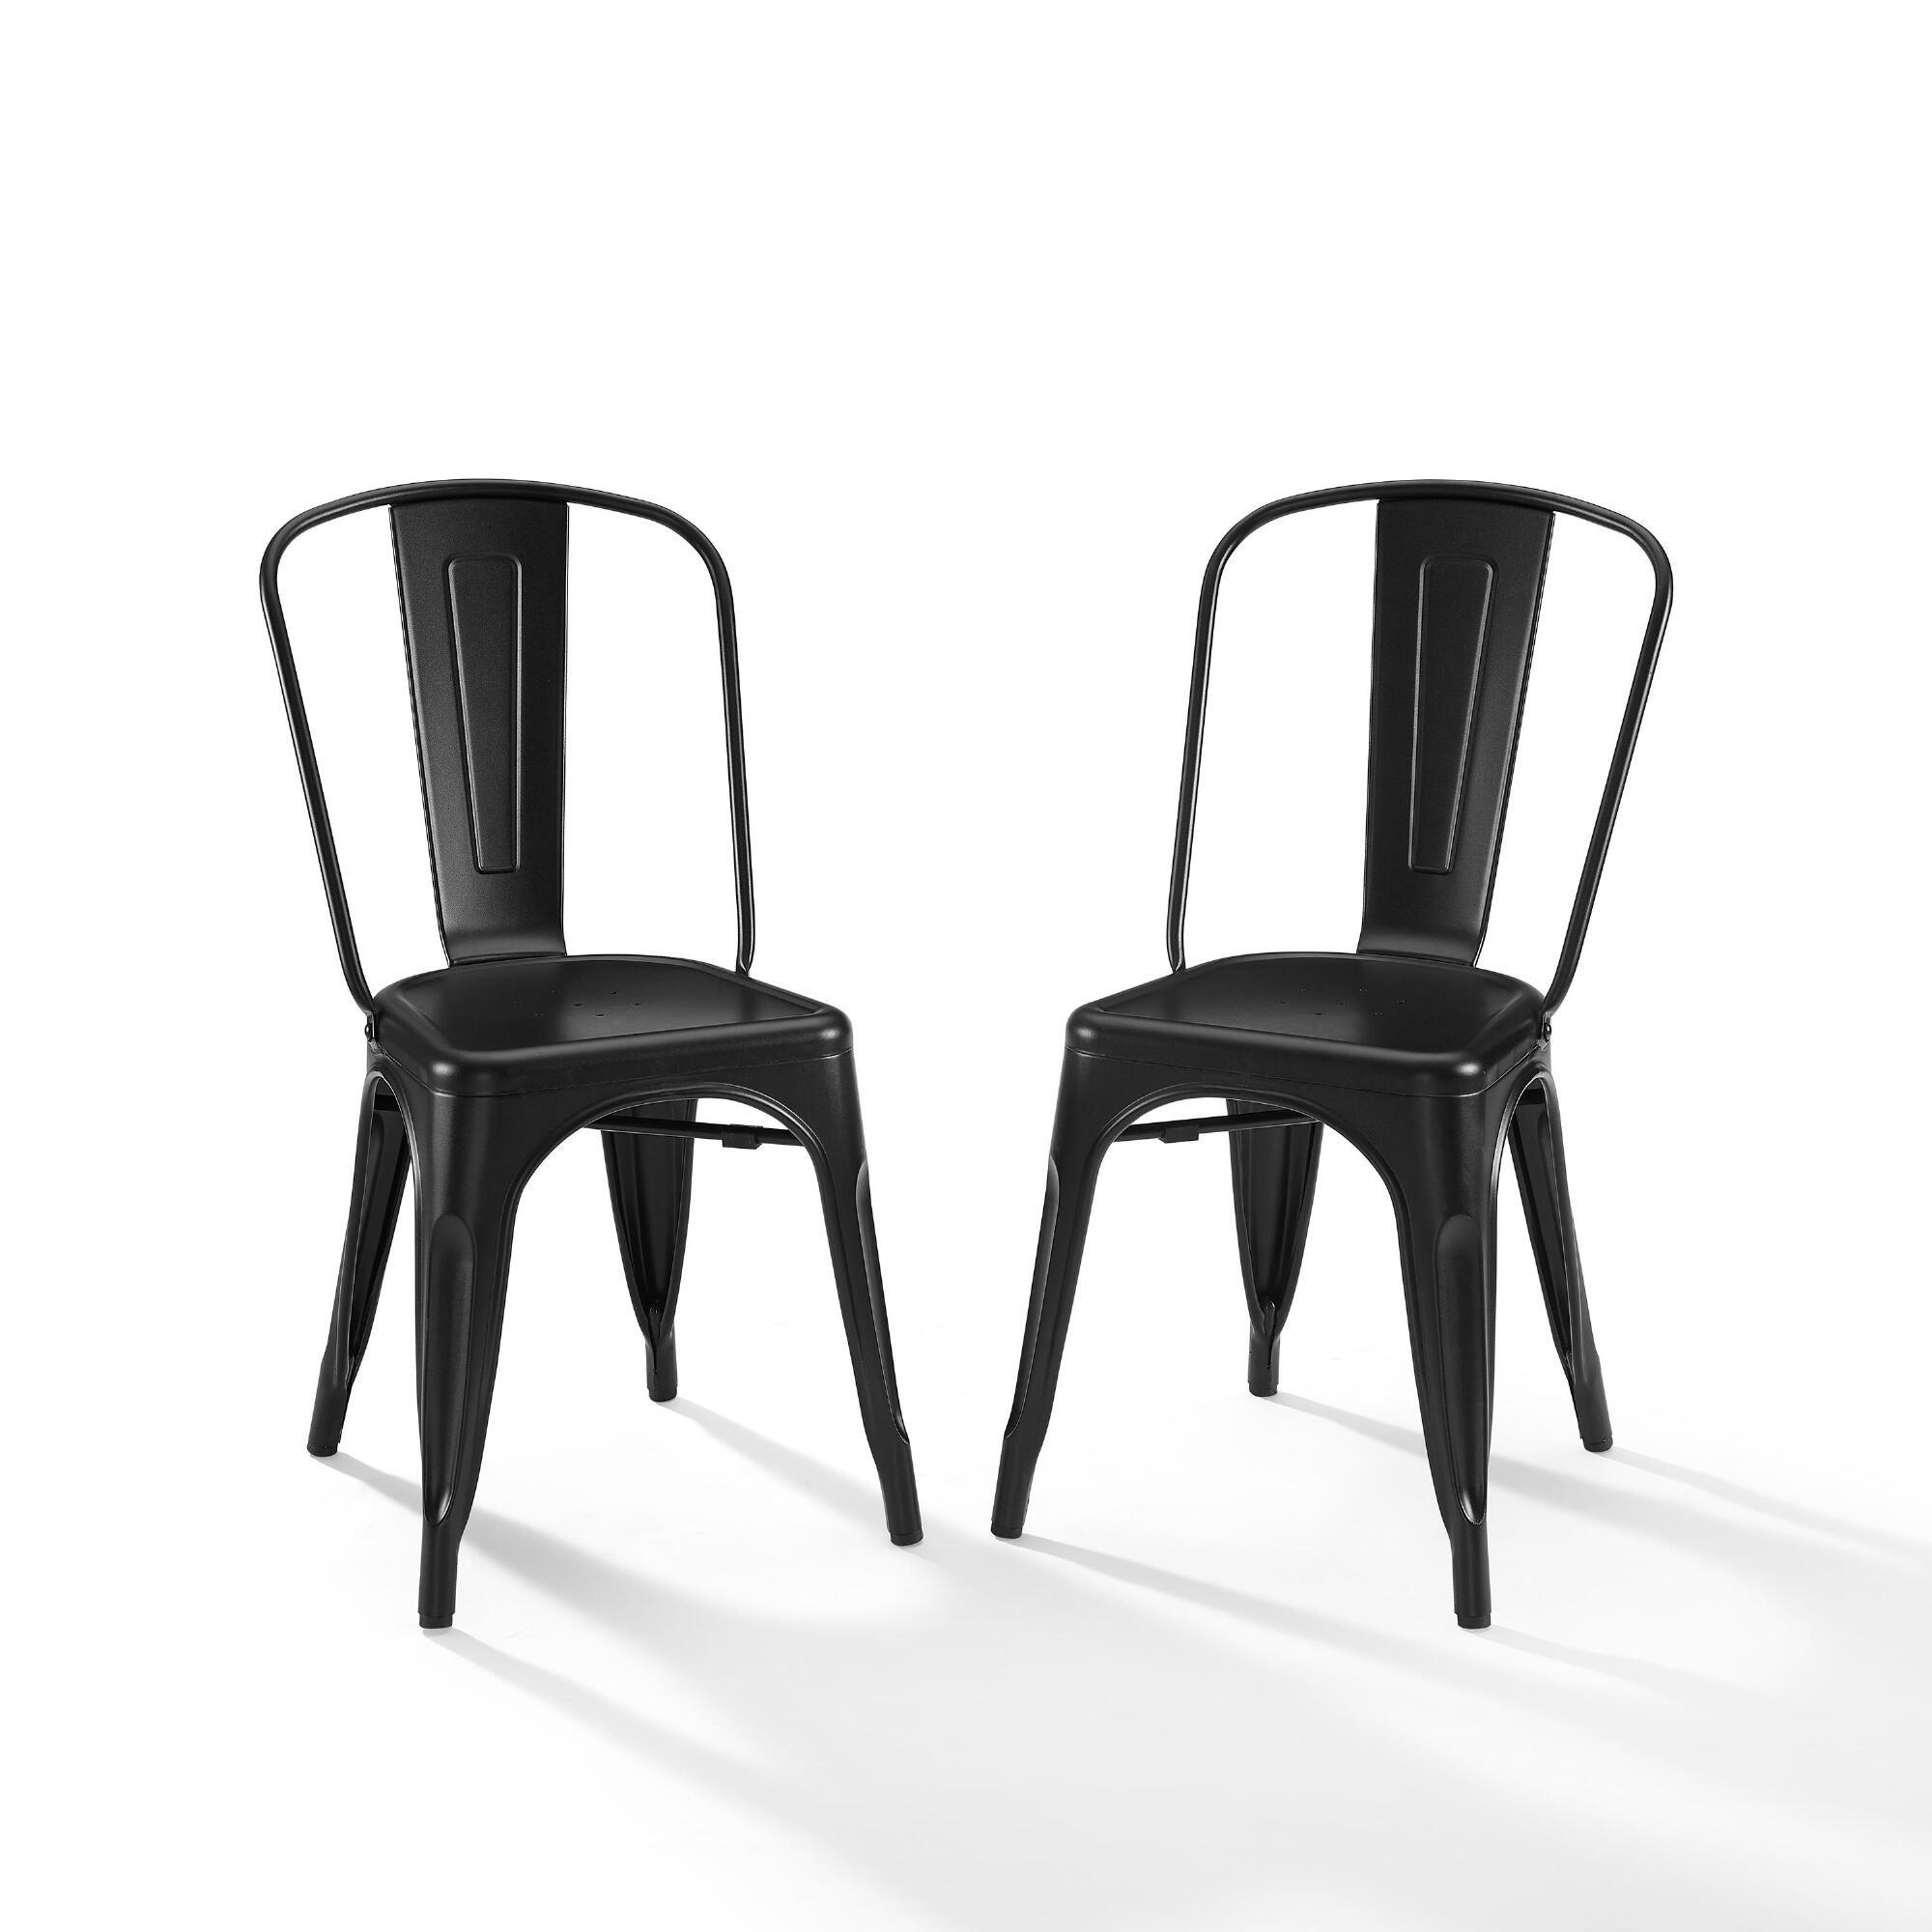 Matte Black Metal Josiah Dining Chairs Set Of 2 By World Market In 2021 Black Metal Dining Chairs Dining Chairs Metal Chairs Black metal dining chairs